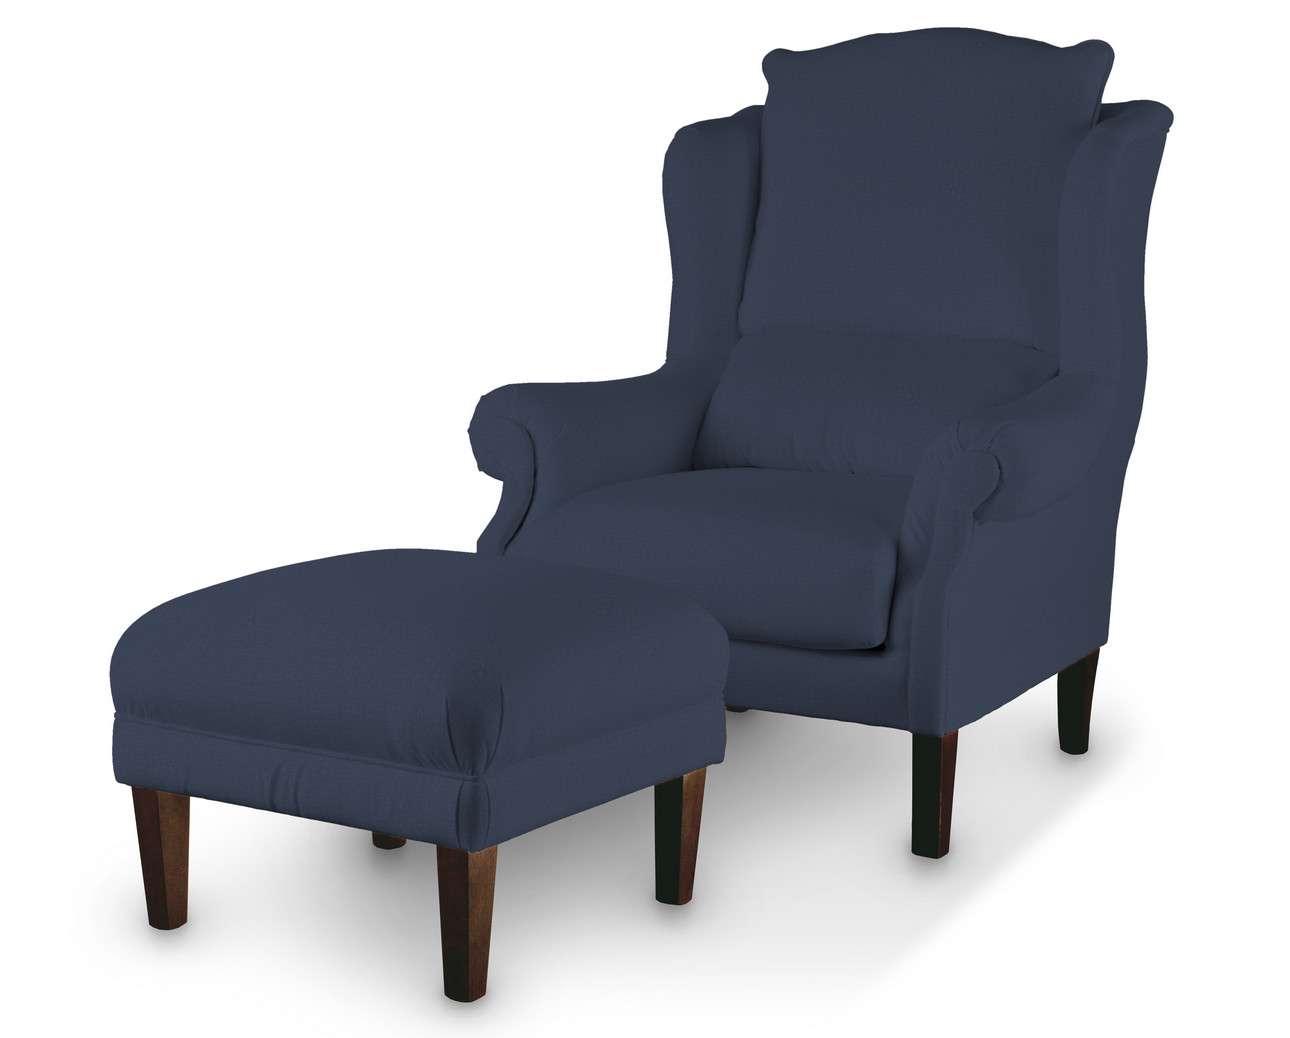 Podnóżek do fotela w kolekcji Ingrid, tkanina: 705-39